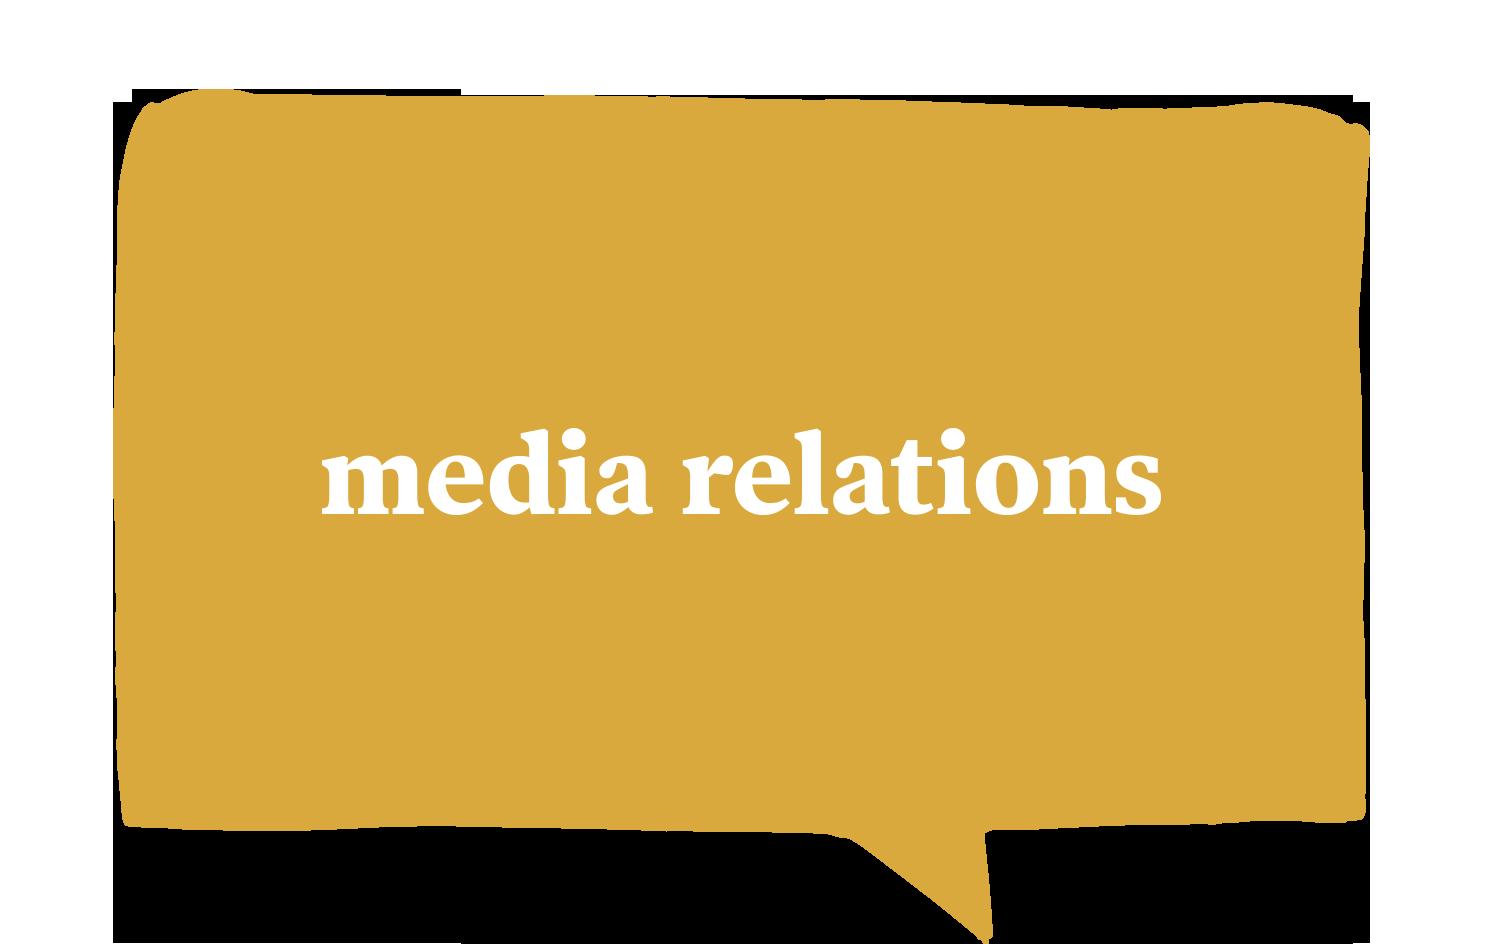 mediarelations.png